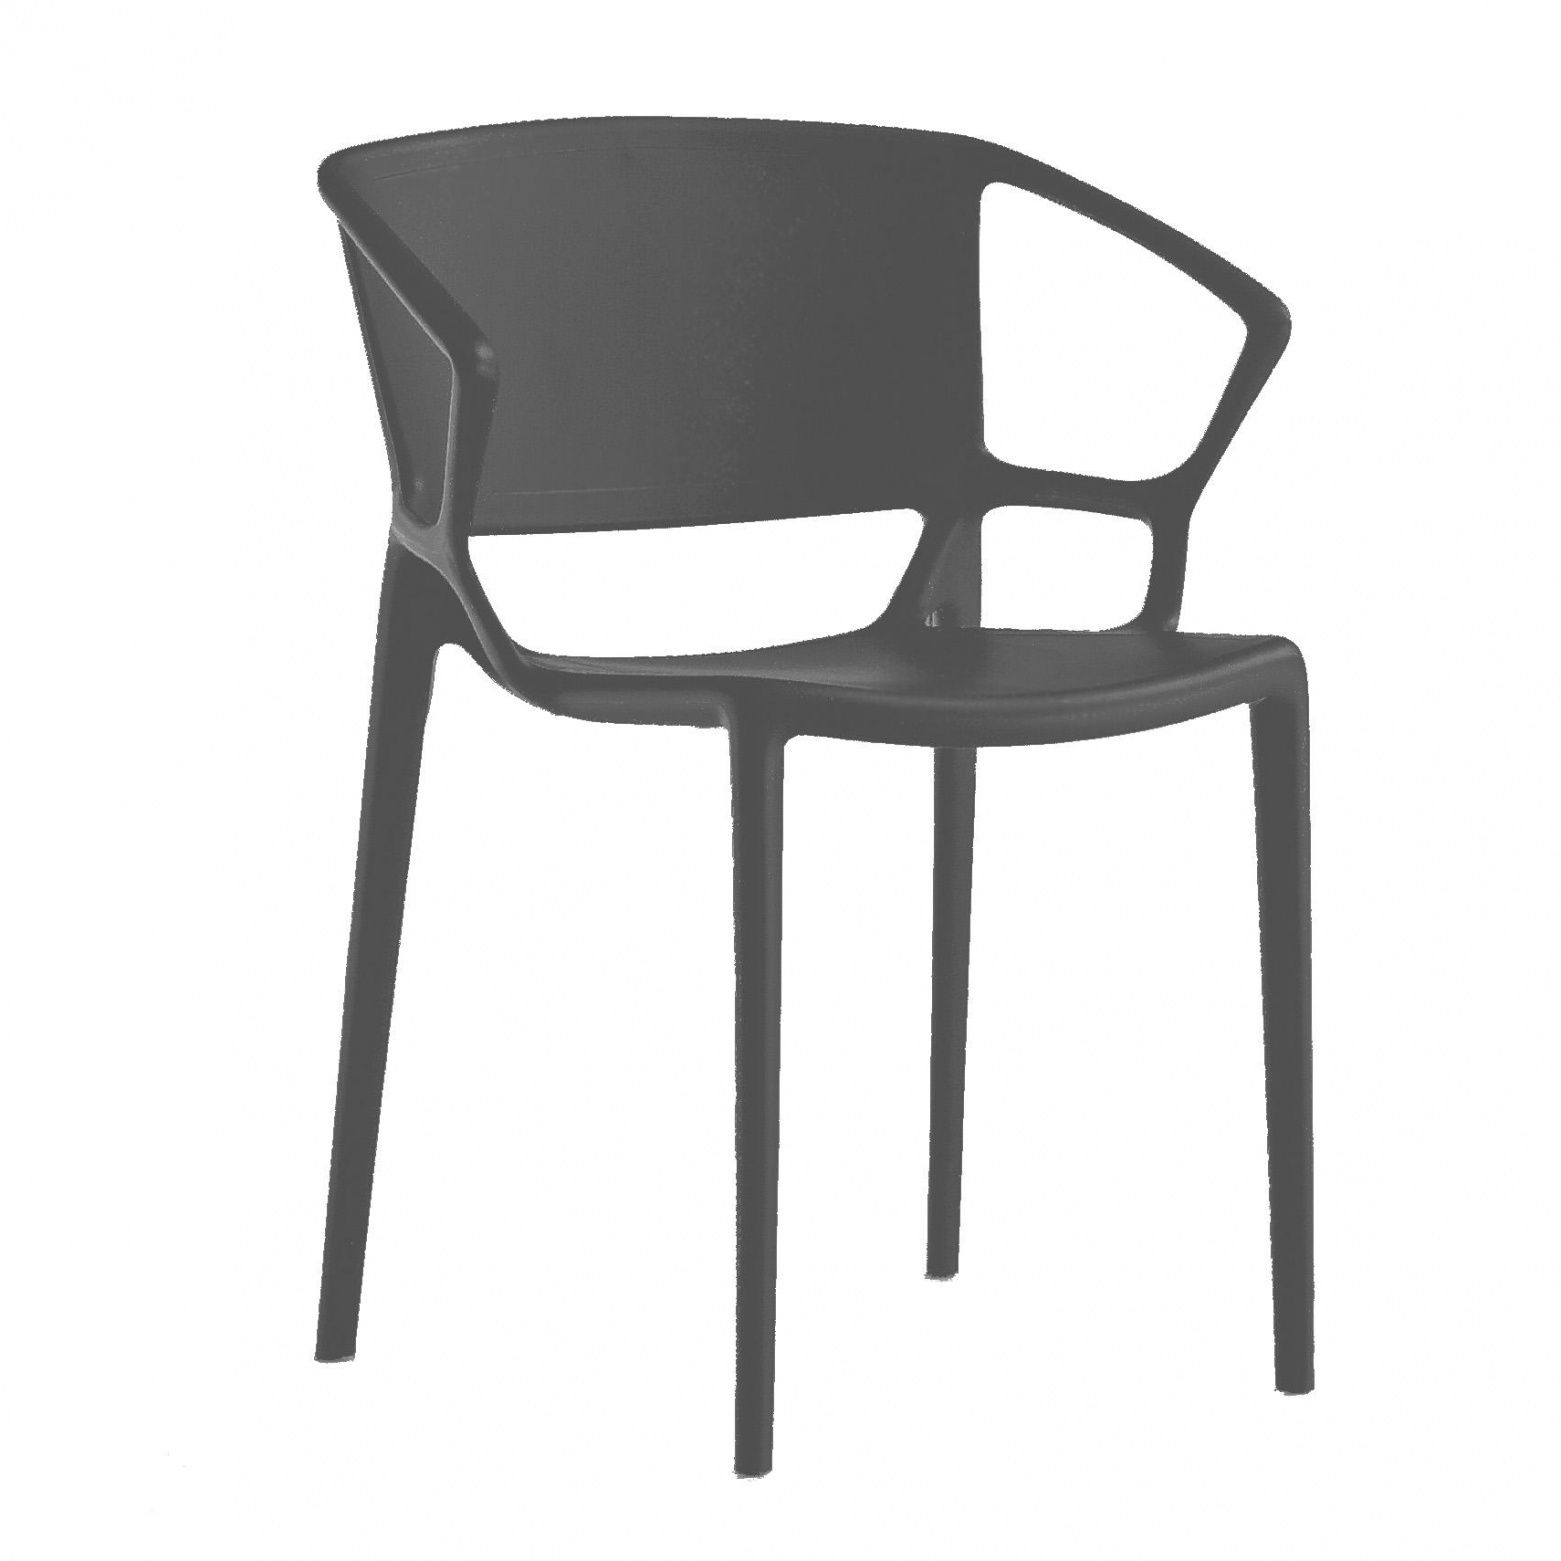 Infiniti - Fiorellina Armlehnstuhl - anthrazit | Küche und Esszimmer > Stühle und Hocker > Armlehnstühle | Anthrazit | Fiberglas gefülltes polypropylen | Infiniti